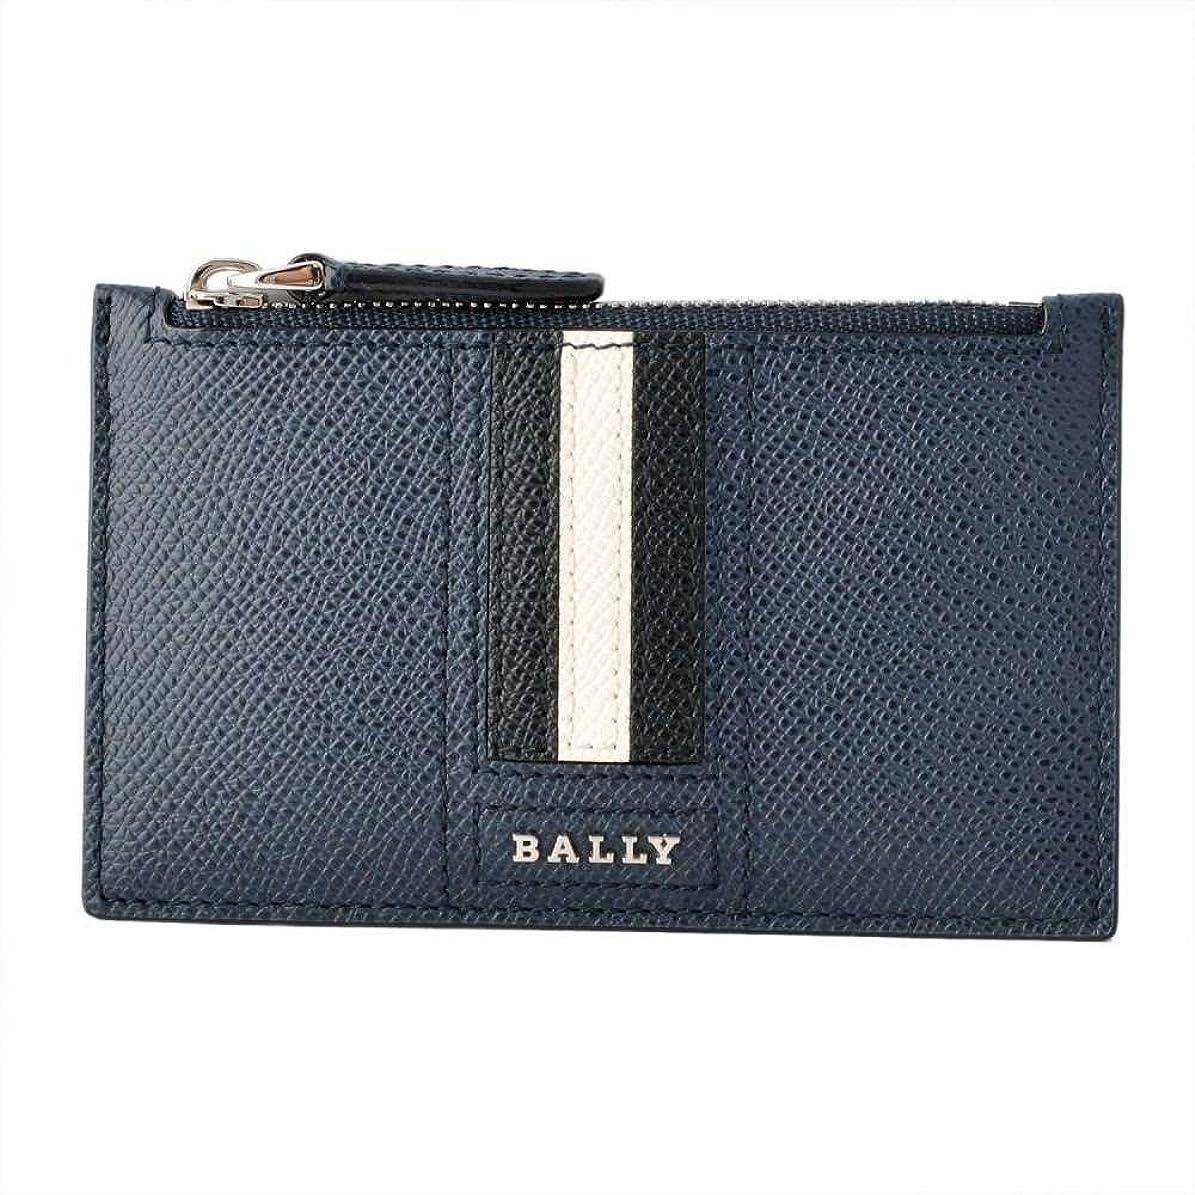 可能仕立て屋現実バリー BALLY TENLEY.LT 17 6221812 バリーストライプ 小銭入れ付 カードケース [並行輸入品]